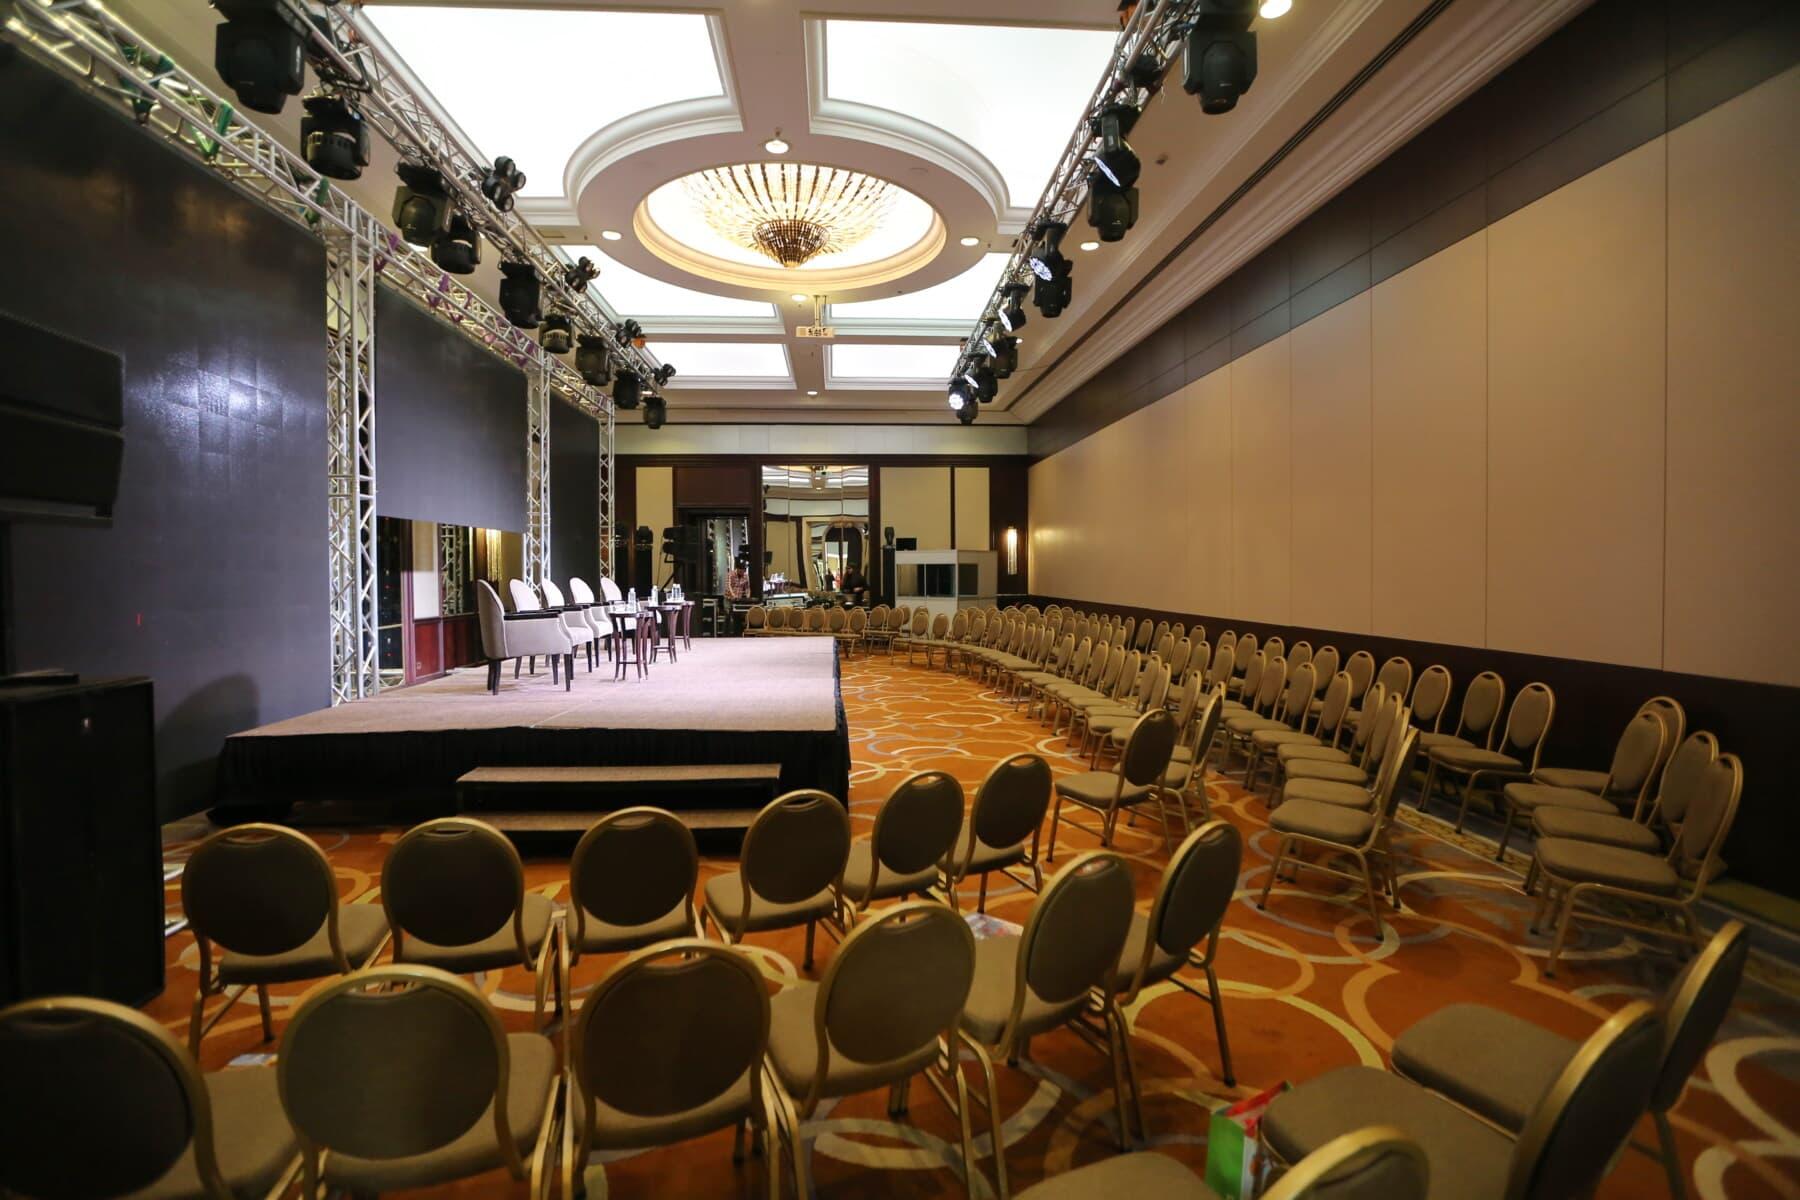 chaises, décoration d'intérieur, Conférence, hôtel, vide, Hall, chaise, à l'intérieur, à l'intérieur, chambre